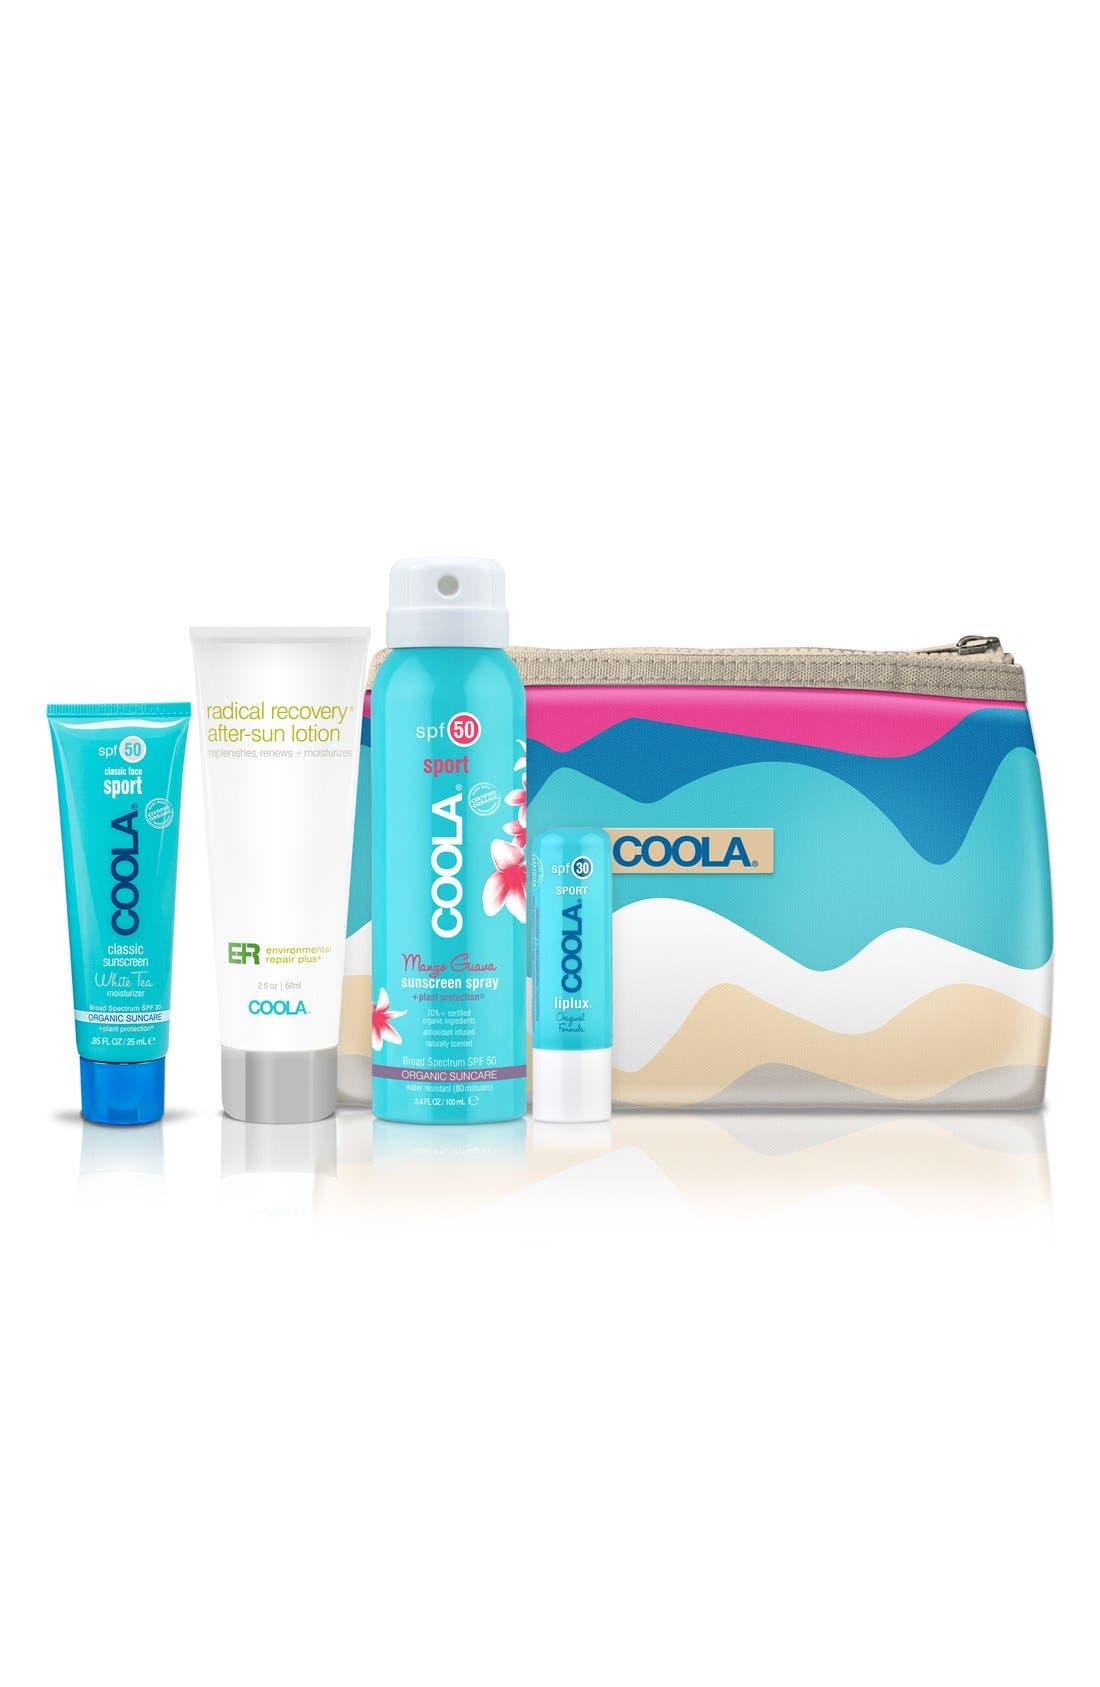 COOLA<sup>®</sup> Suncare Sport Essential Travel Set,                             Main thumbnail 1, color,                             NO COLOR